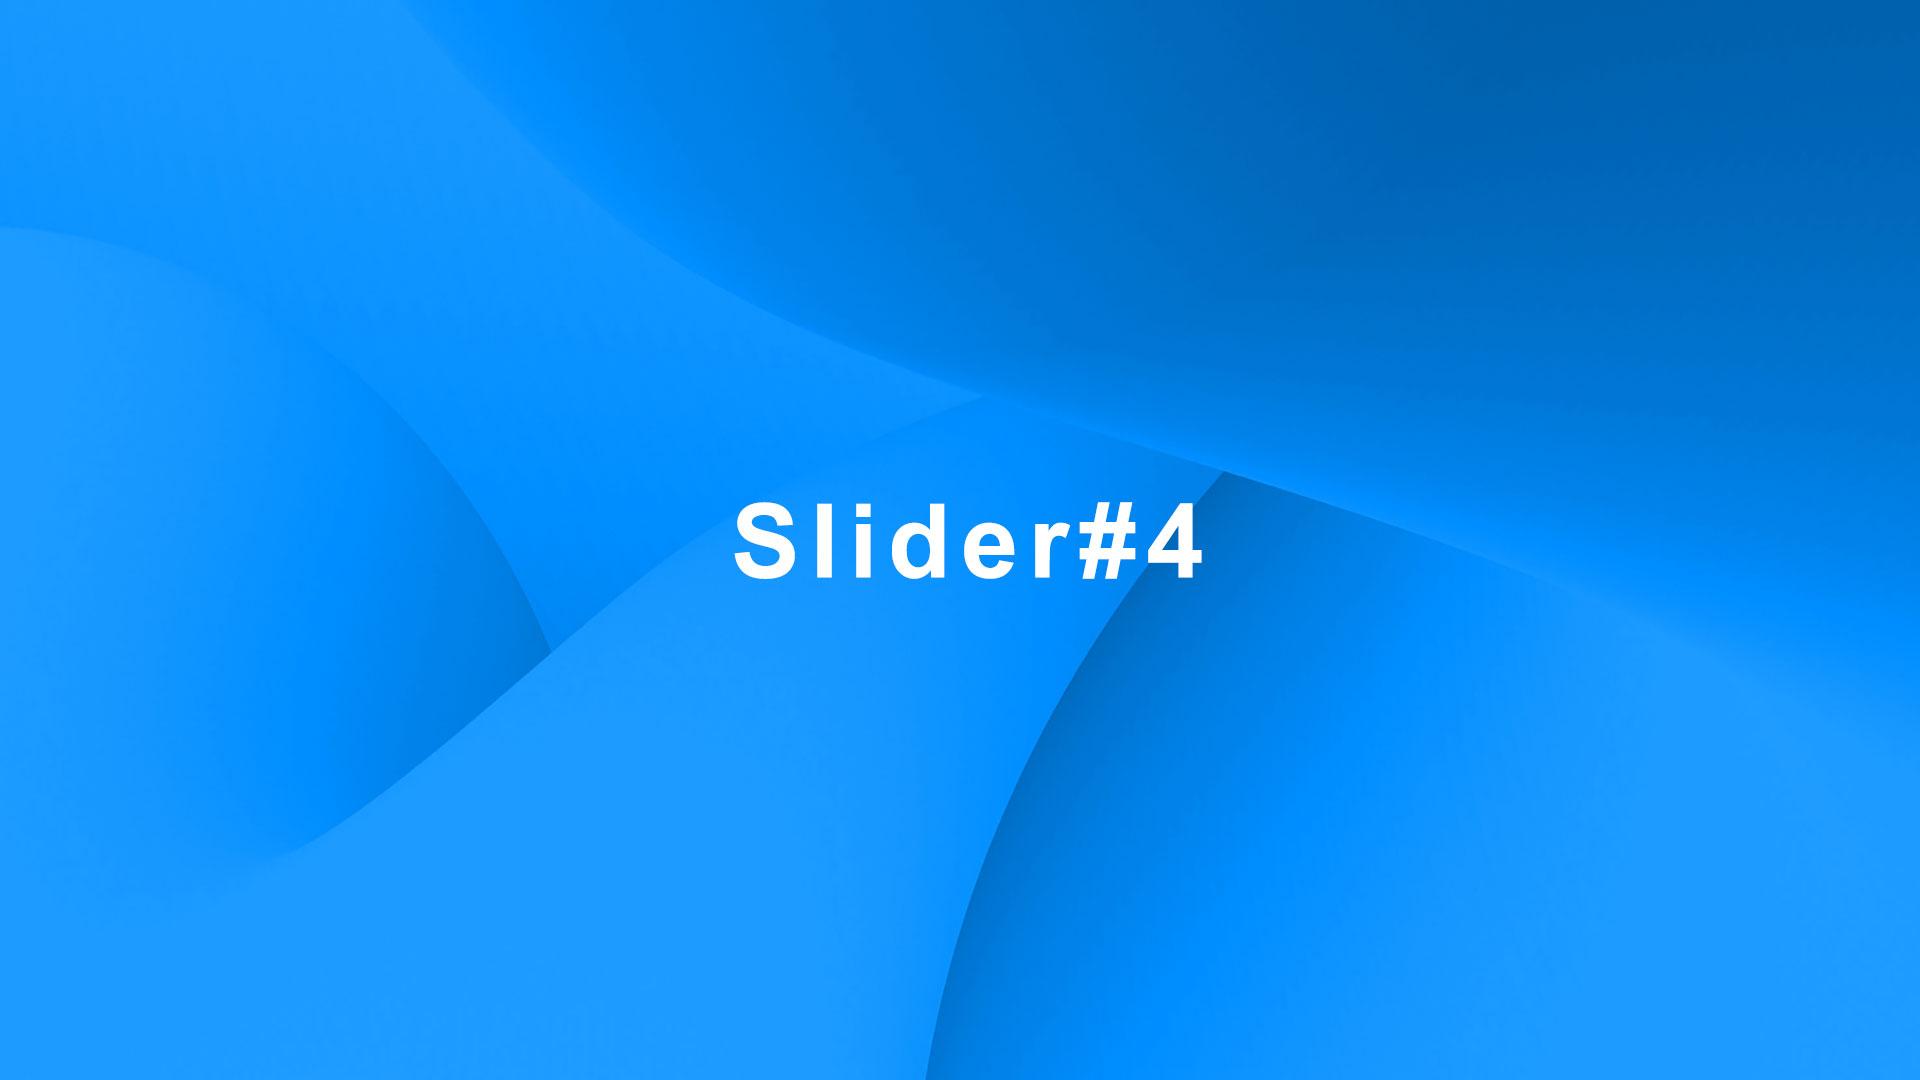 slider4